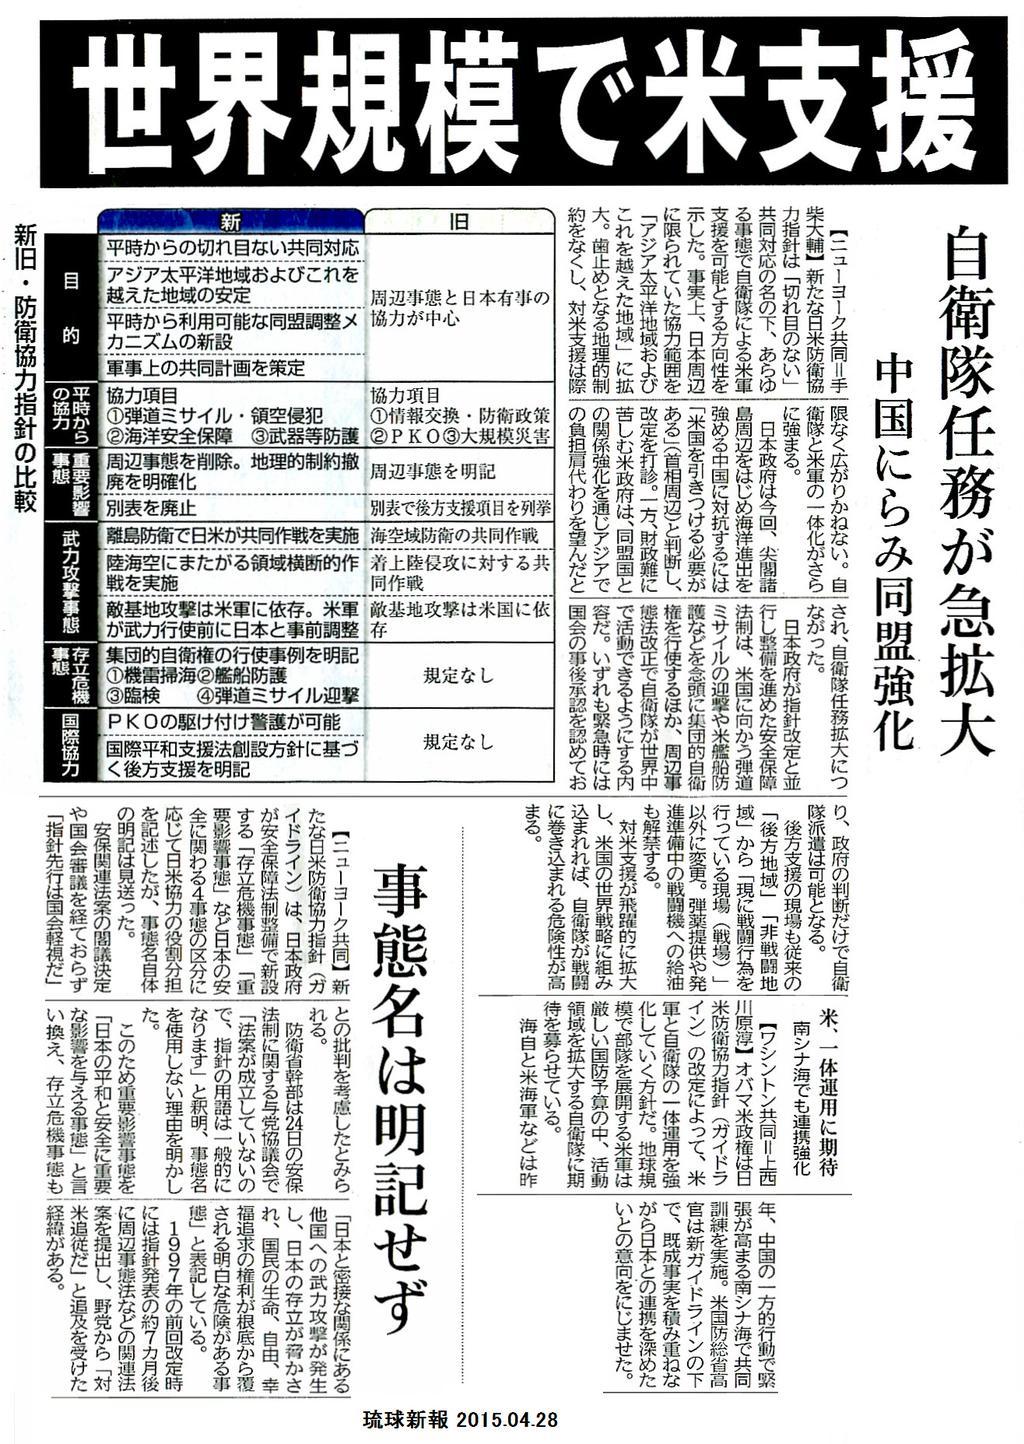 海保、陸上で強制排除 弁護士「違法な暴行」 ほか_f0212121_12142843.jpg